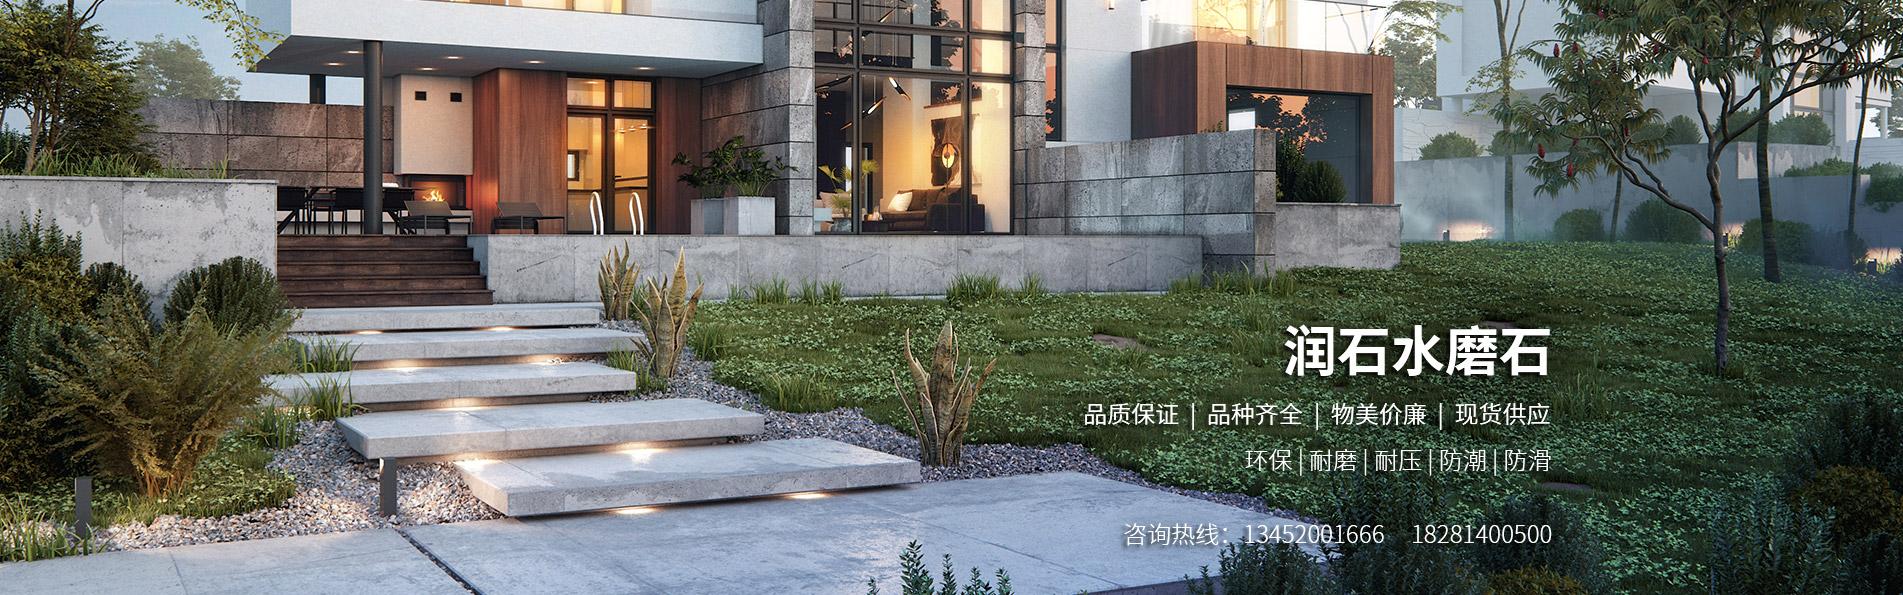 重庆水洗石水磨石地坪施工